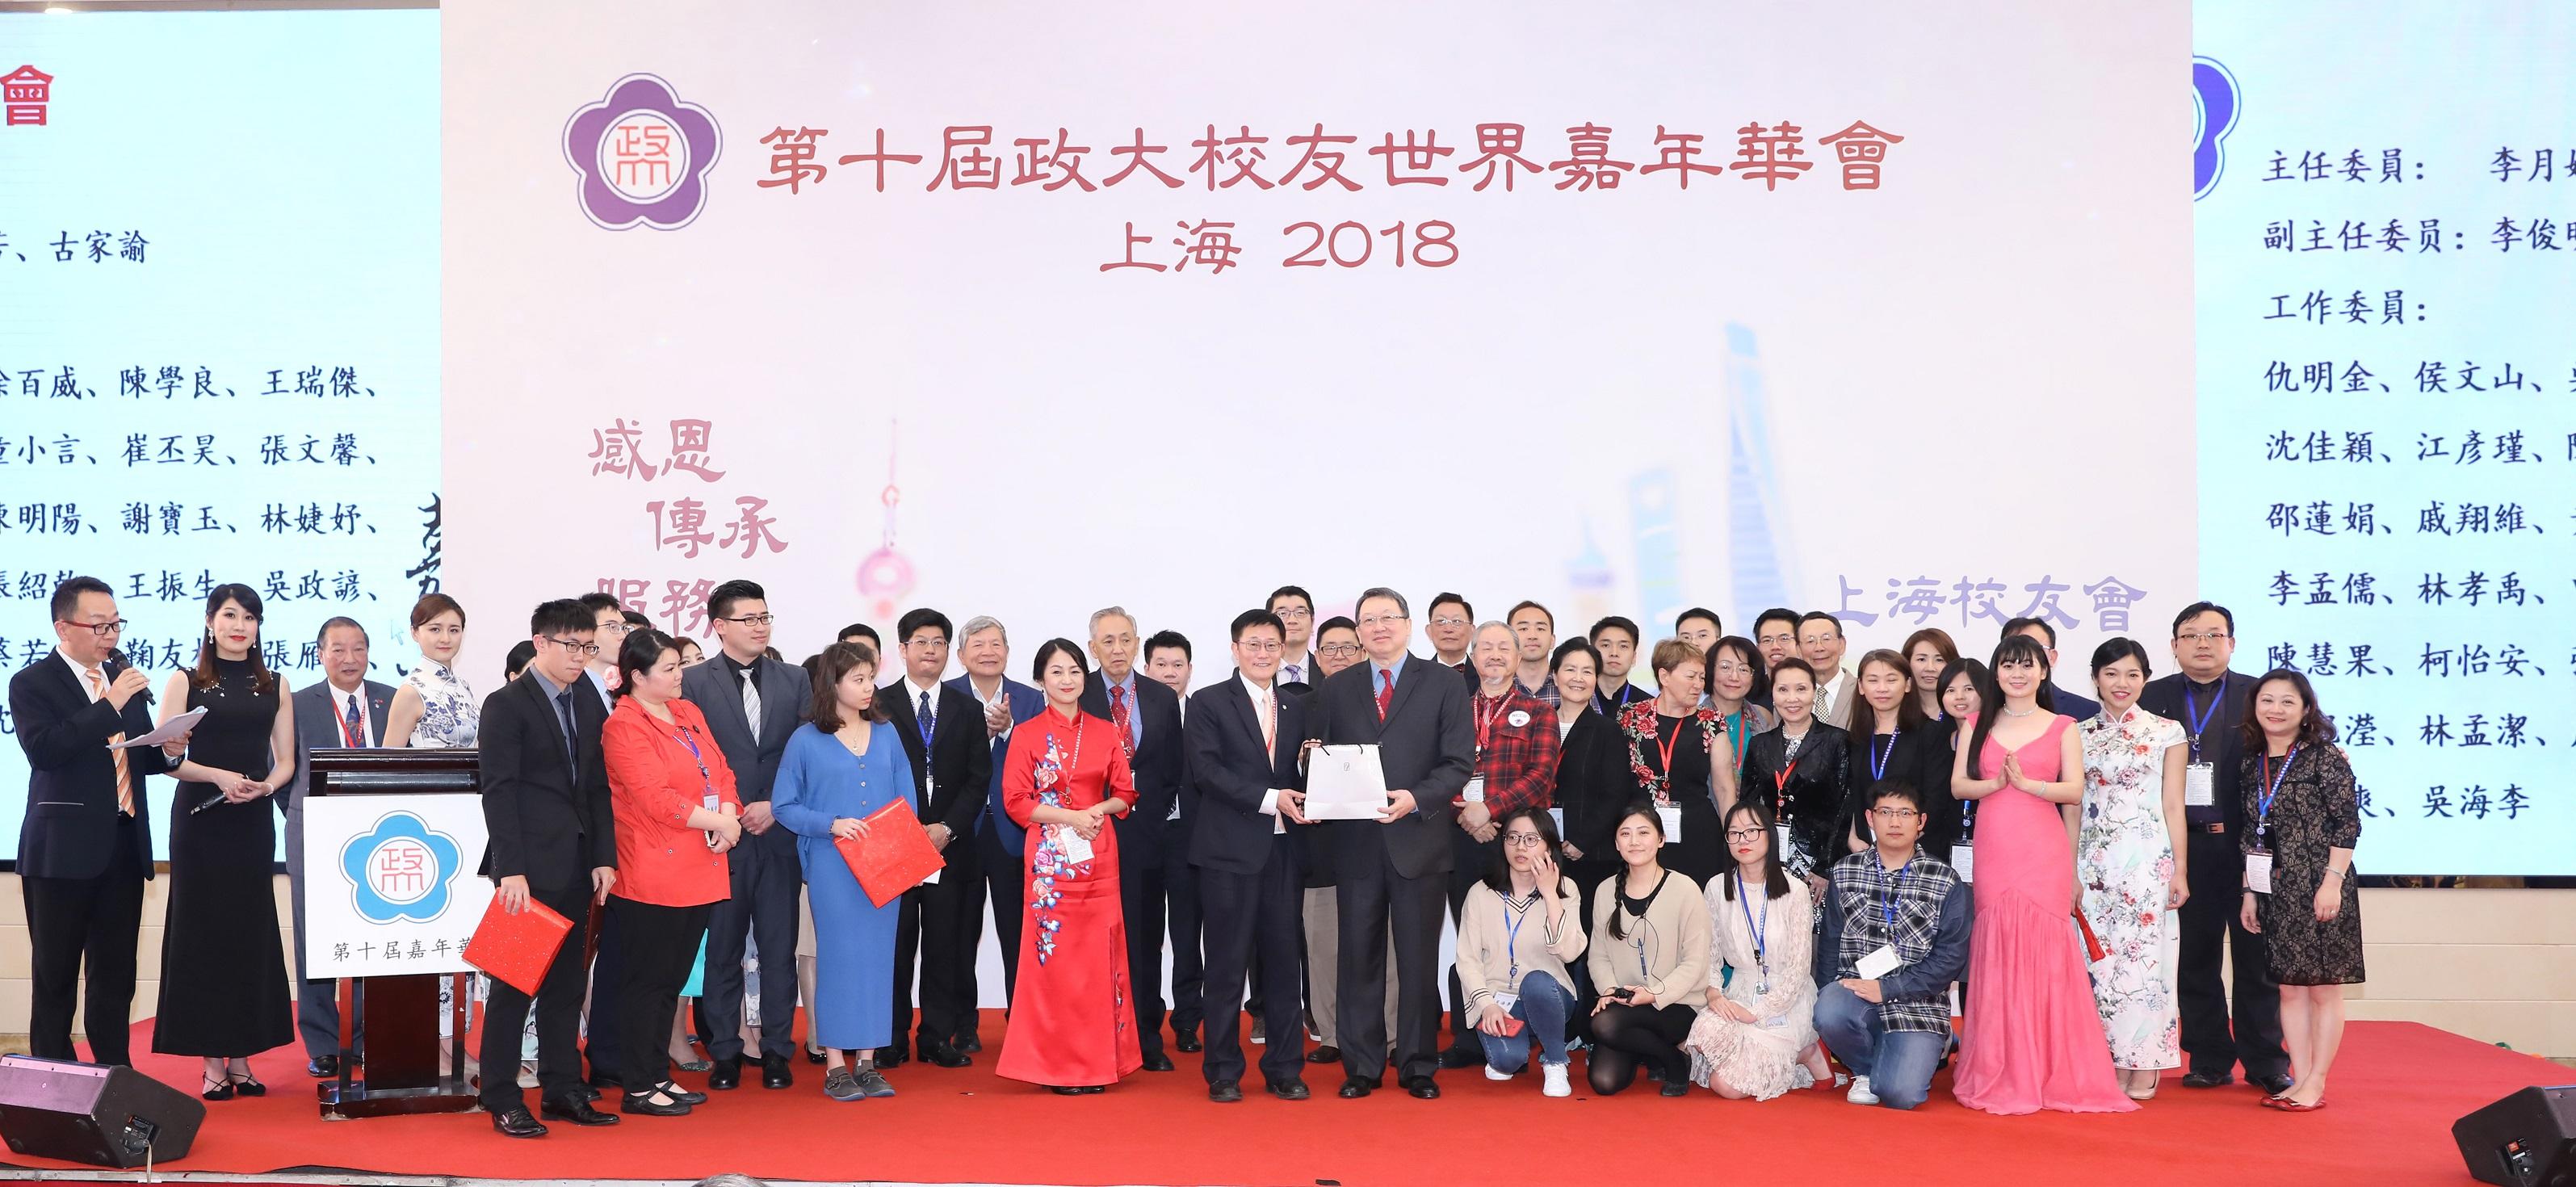 500位學長姐齊聚 第十屆政大校友世界嘉年華溫馨傳承